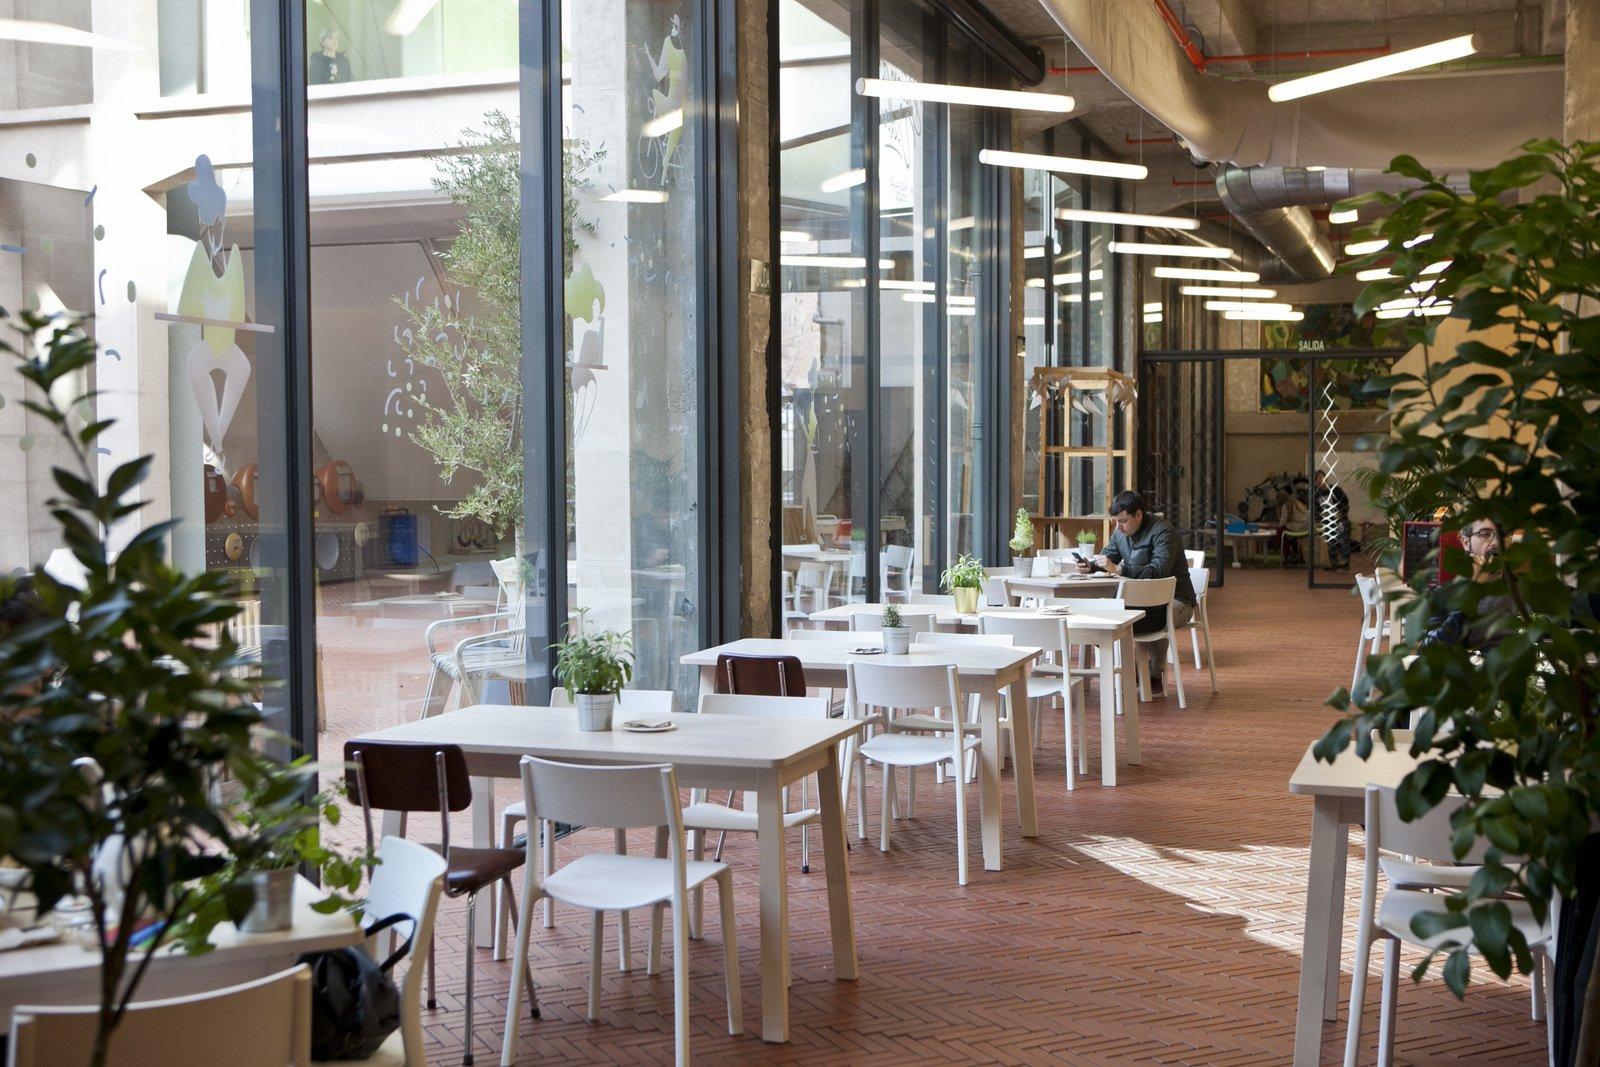 Descubre uno de los mejores Restaurantes en Atocha